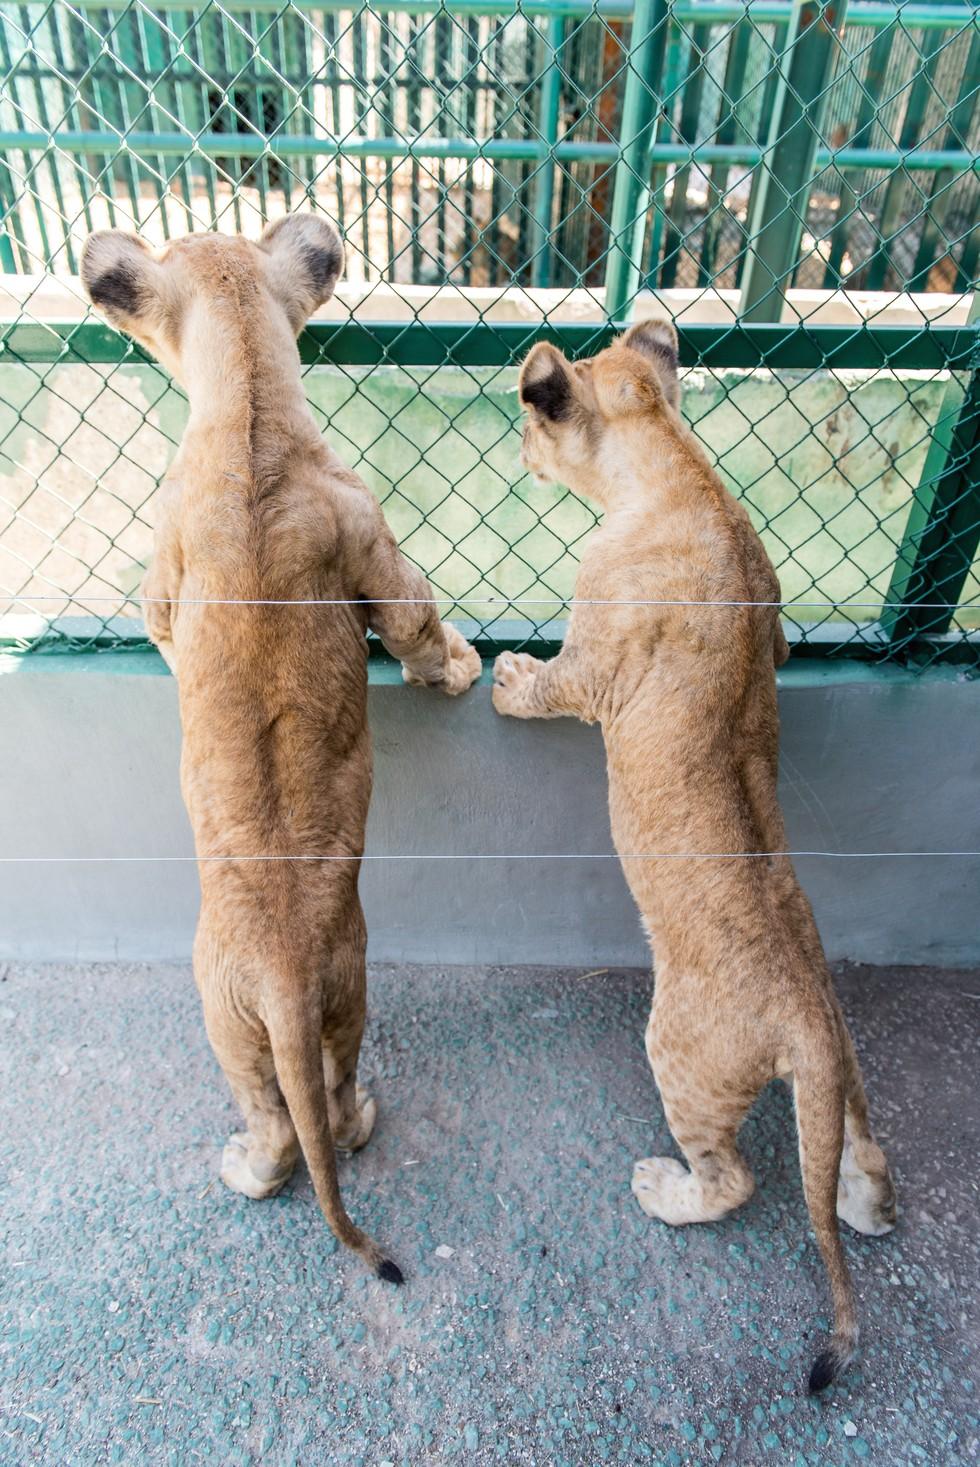 cachorros de leon rescatados 16